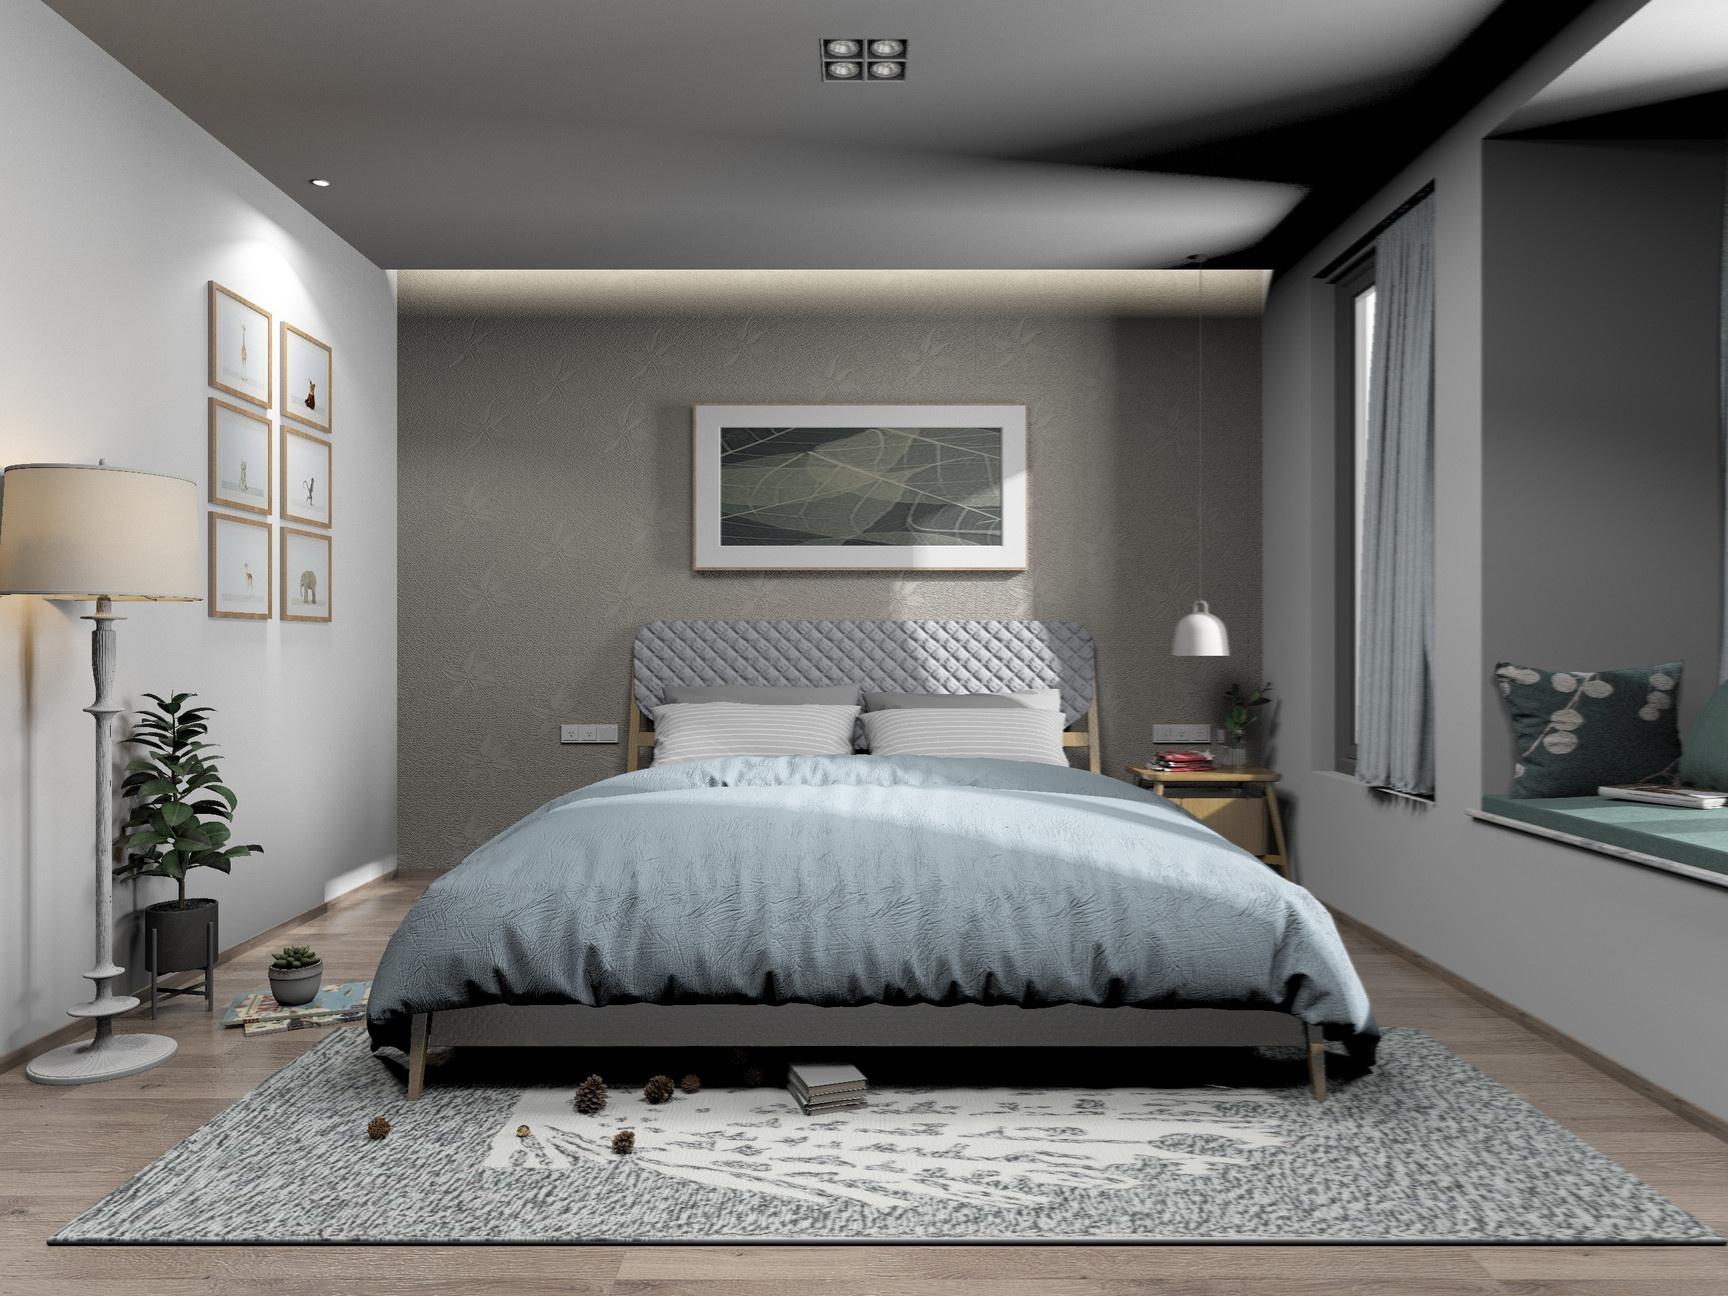 卧室家具摆放风水有讲究,想要好风水别乱放哦!